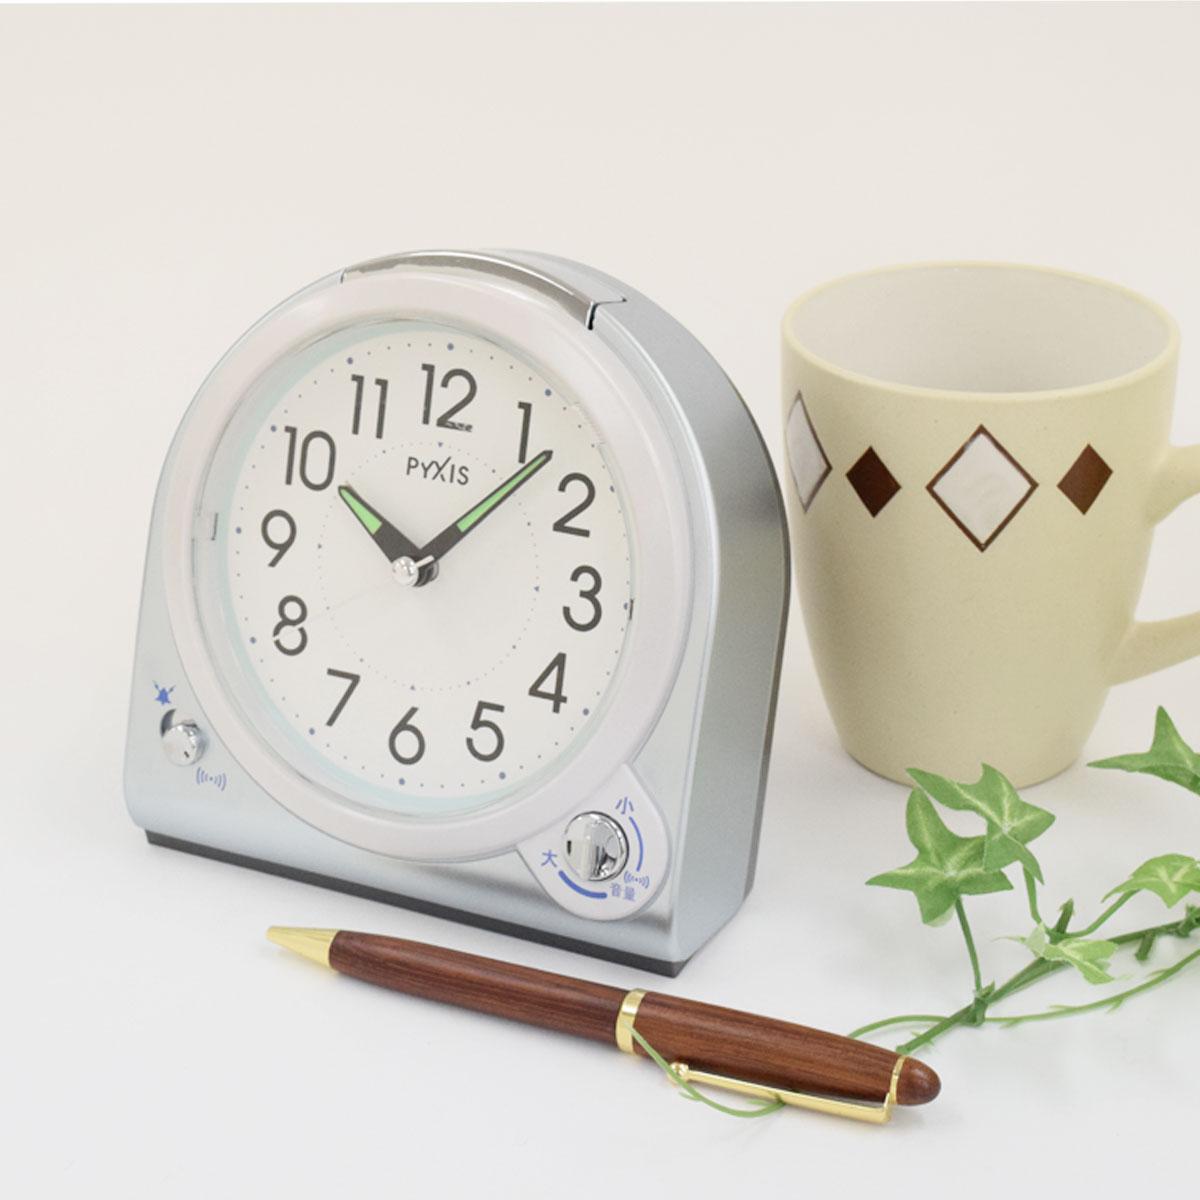 セイコークロック社製 PYXIS(ピクシス) 目覚まし時計 NQ705